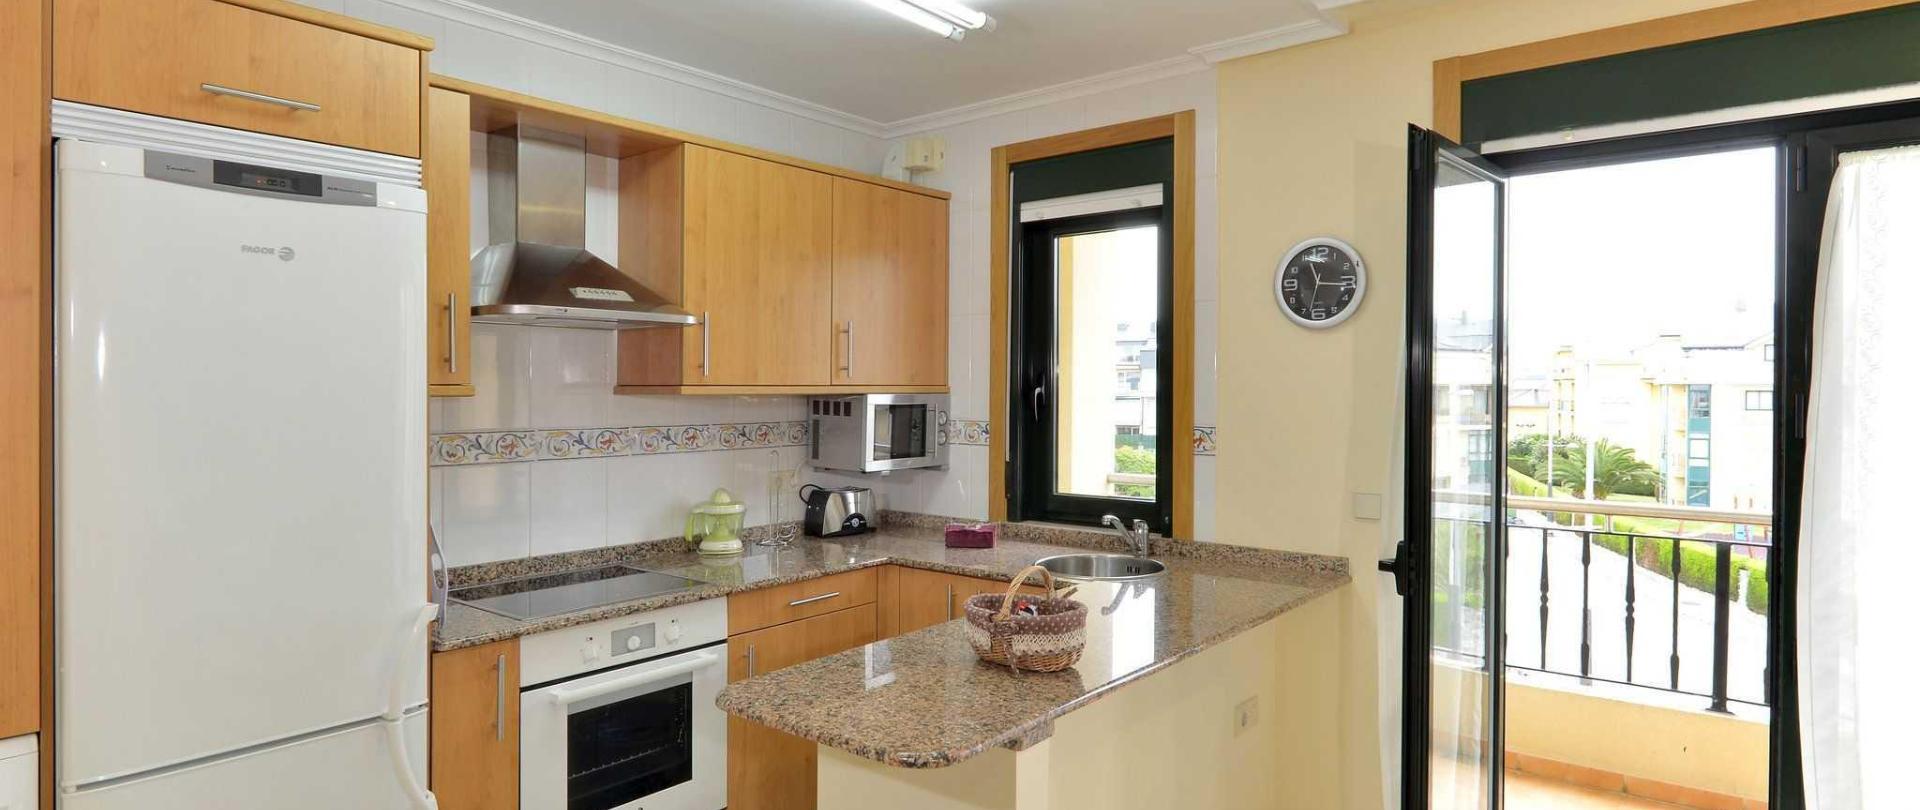 cocina-duplex-apartamentos-a-mari-a-anxo-rial-20-1.JPG